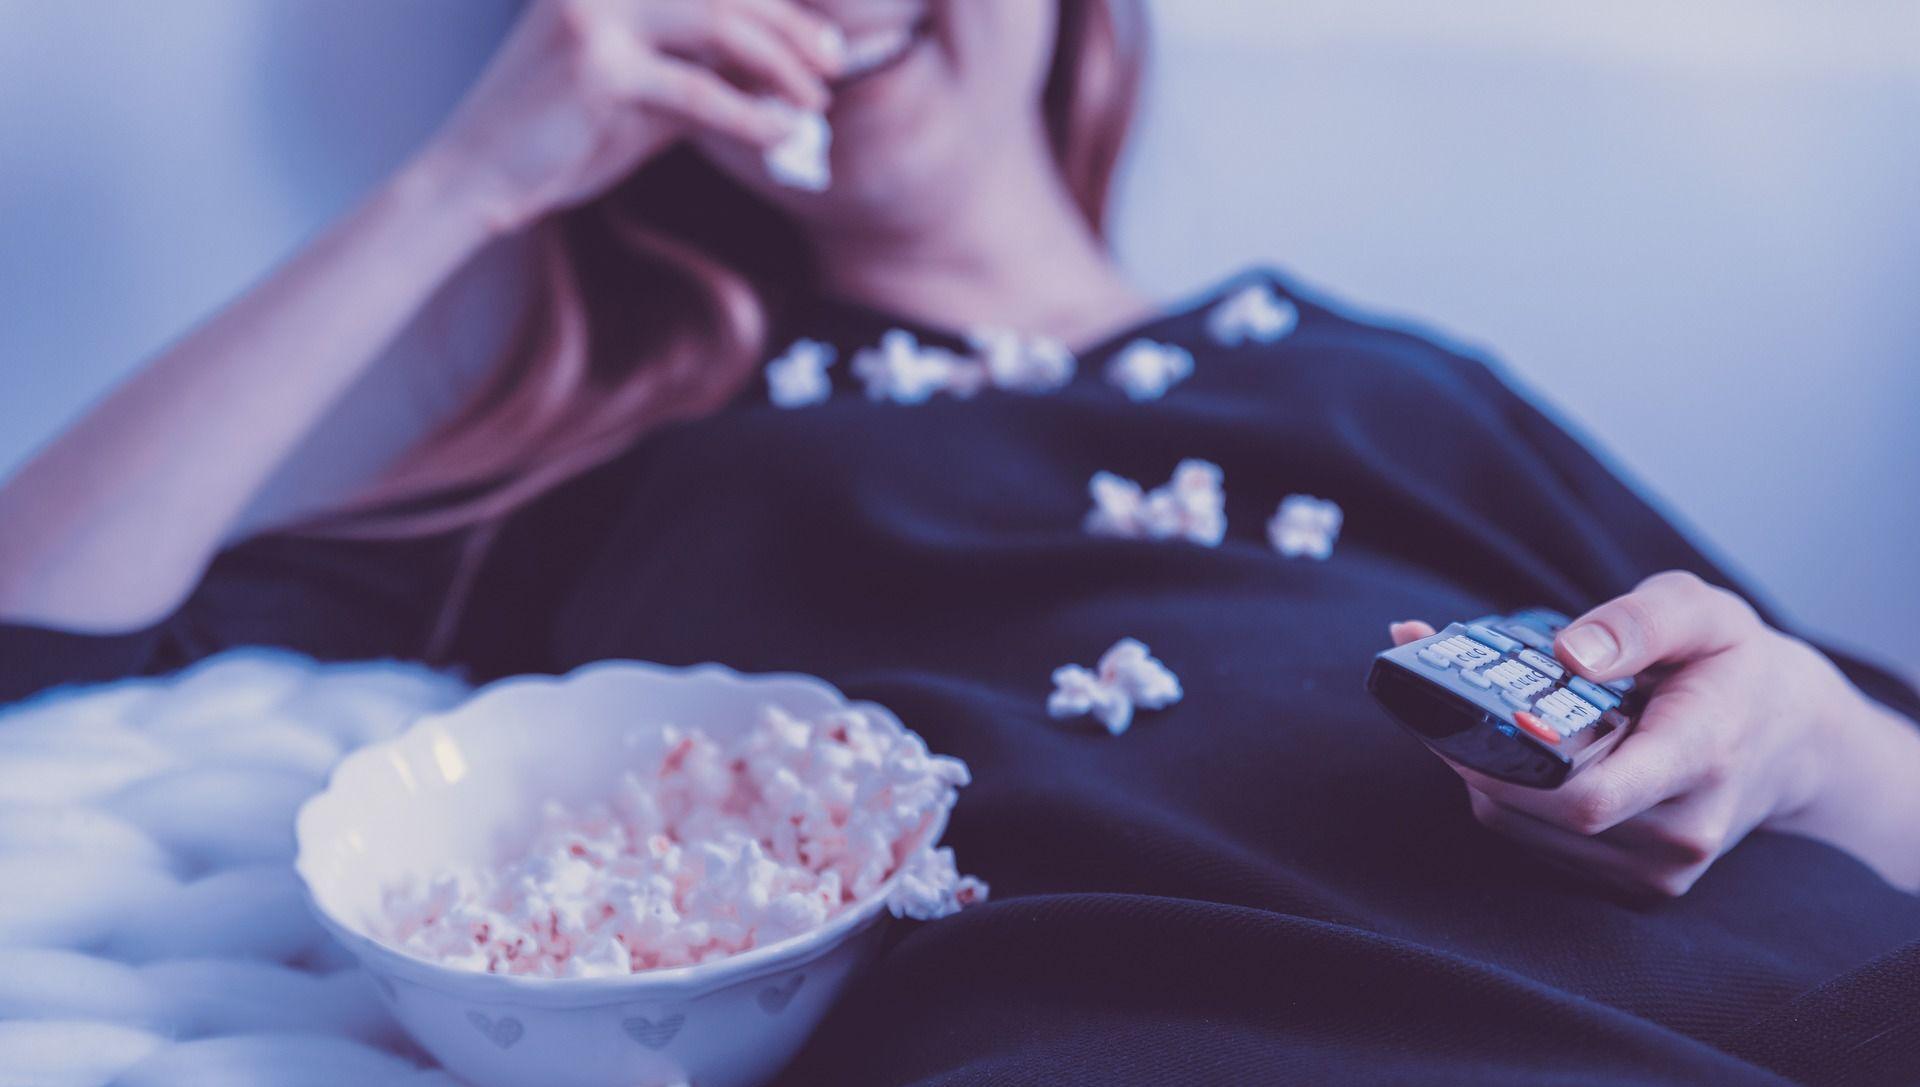 Dziewczyna jedząca popcorn - Sputnik Polska, 1920, 03.06.2021